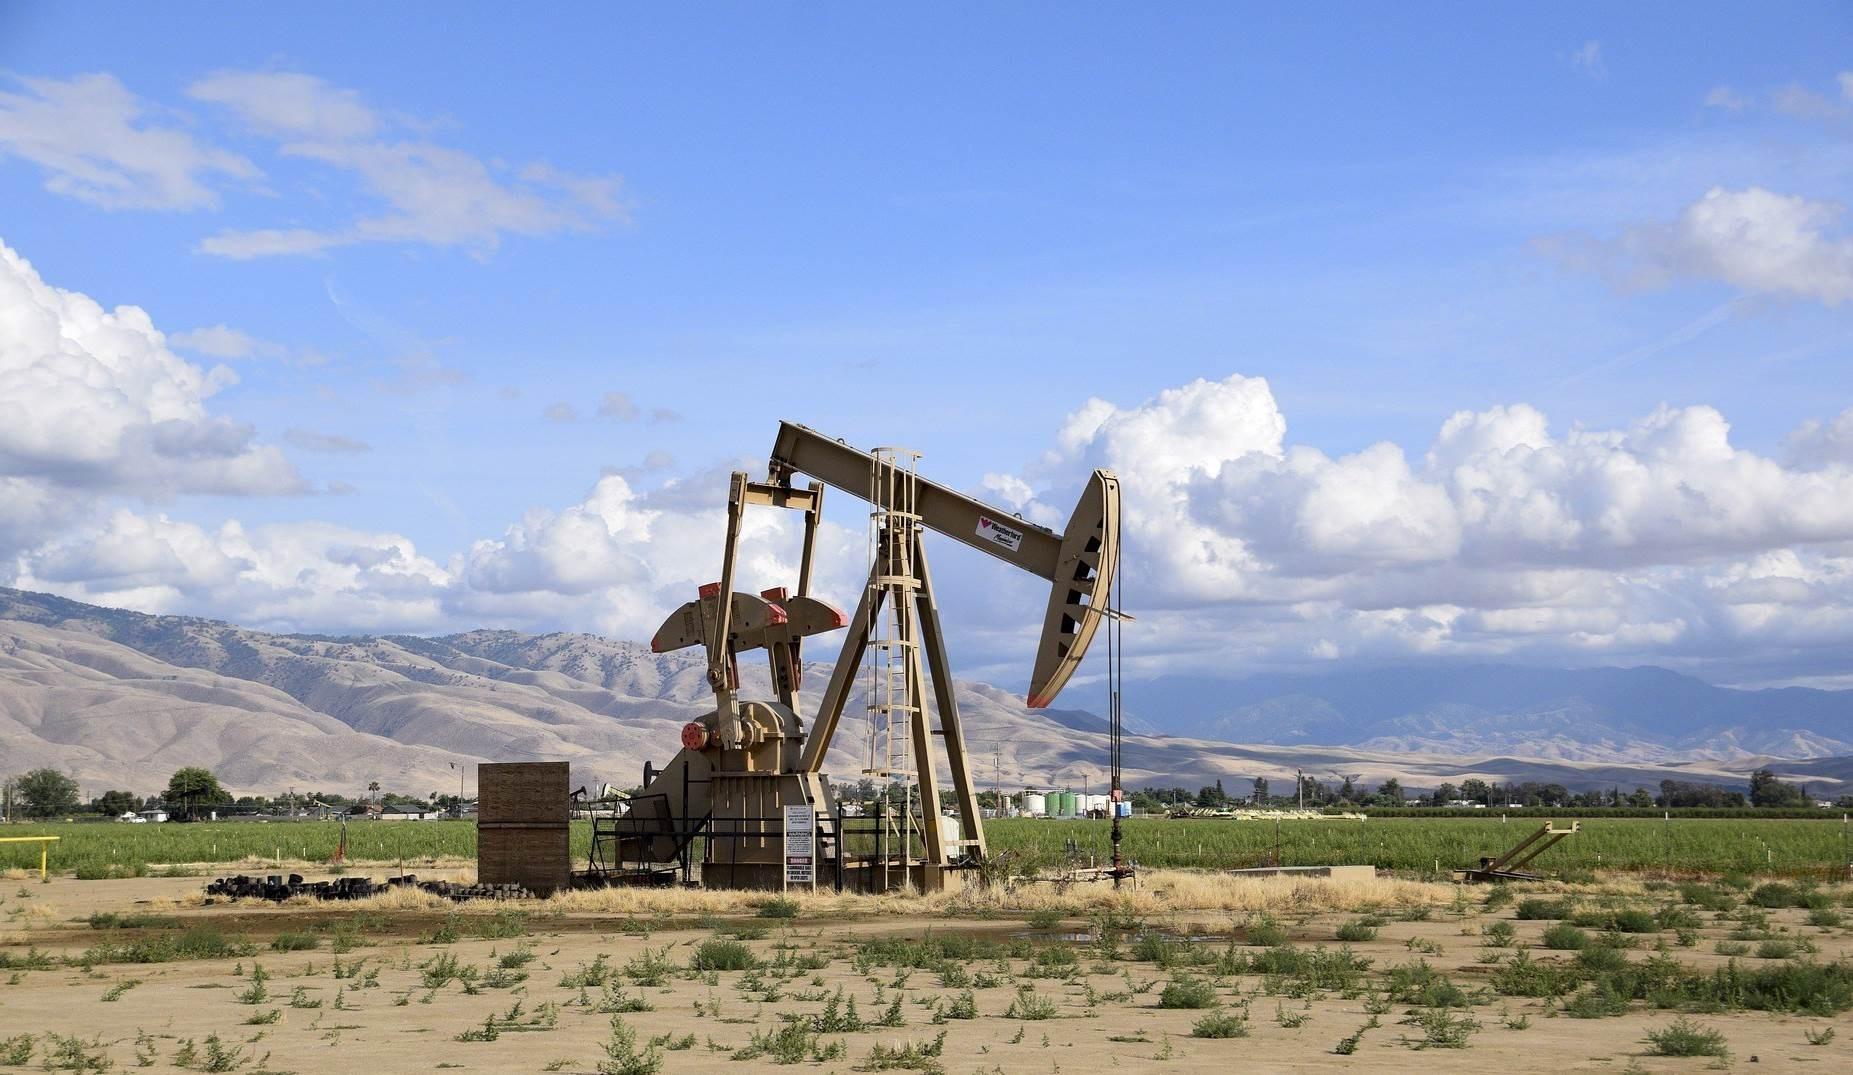 أسعار النفط تقفز بفعل آمال تخفيف إجراءات العزل